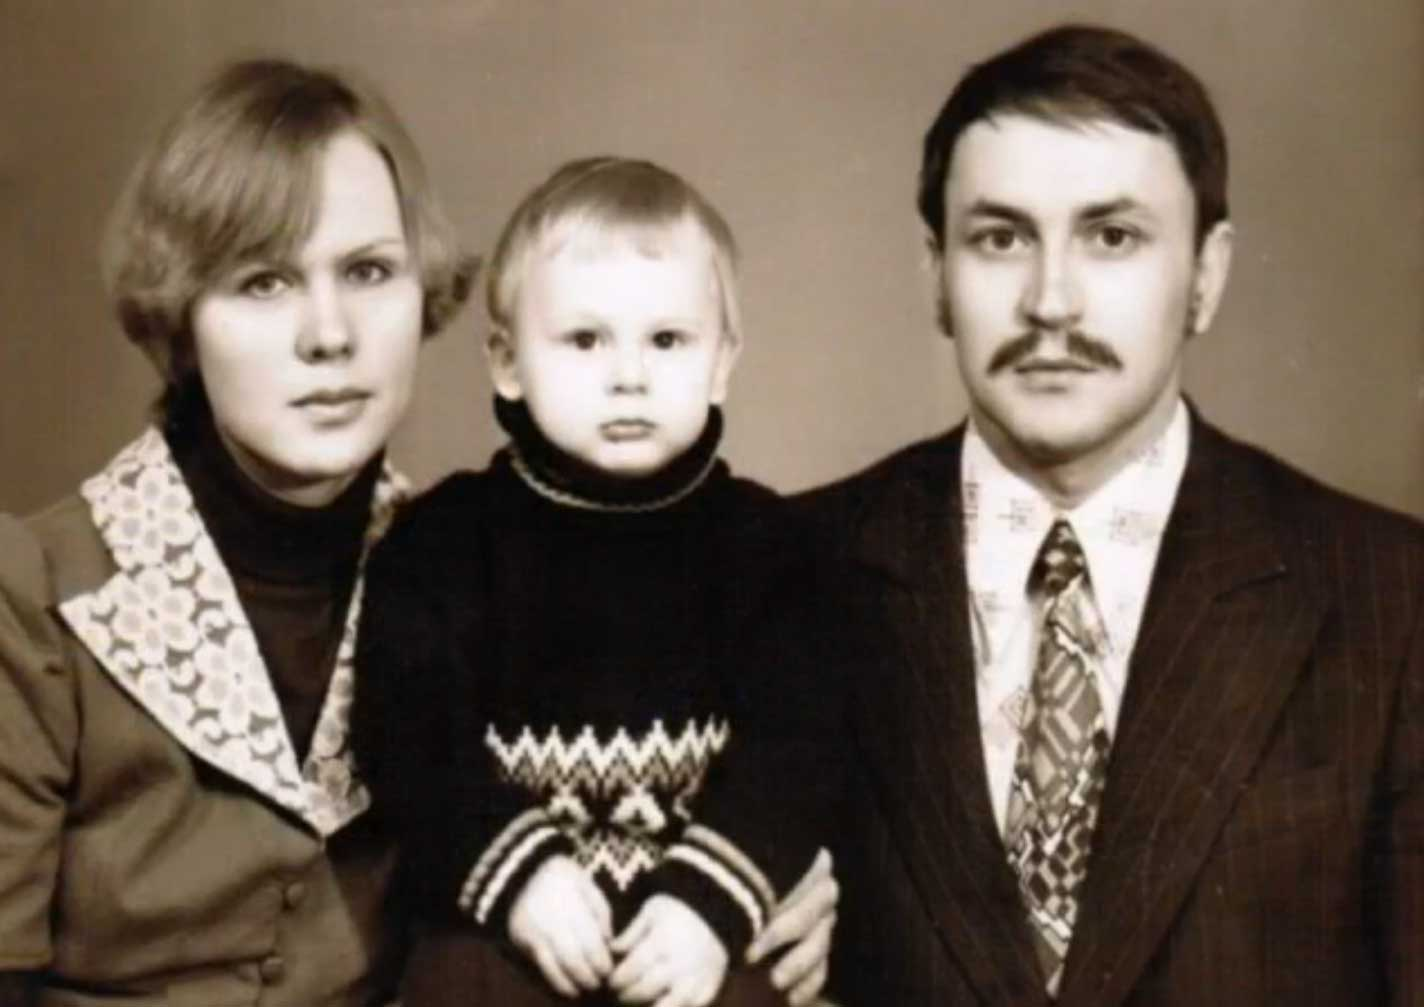 Фото родителей из участников дом 2 6